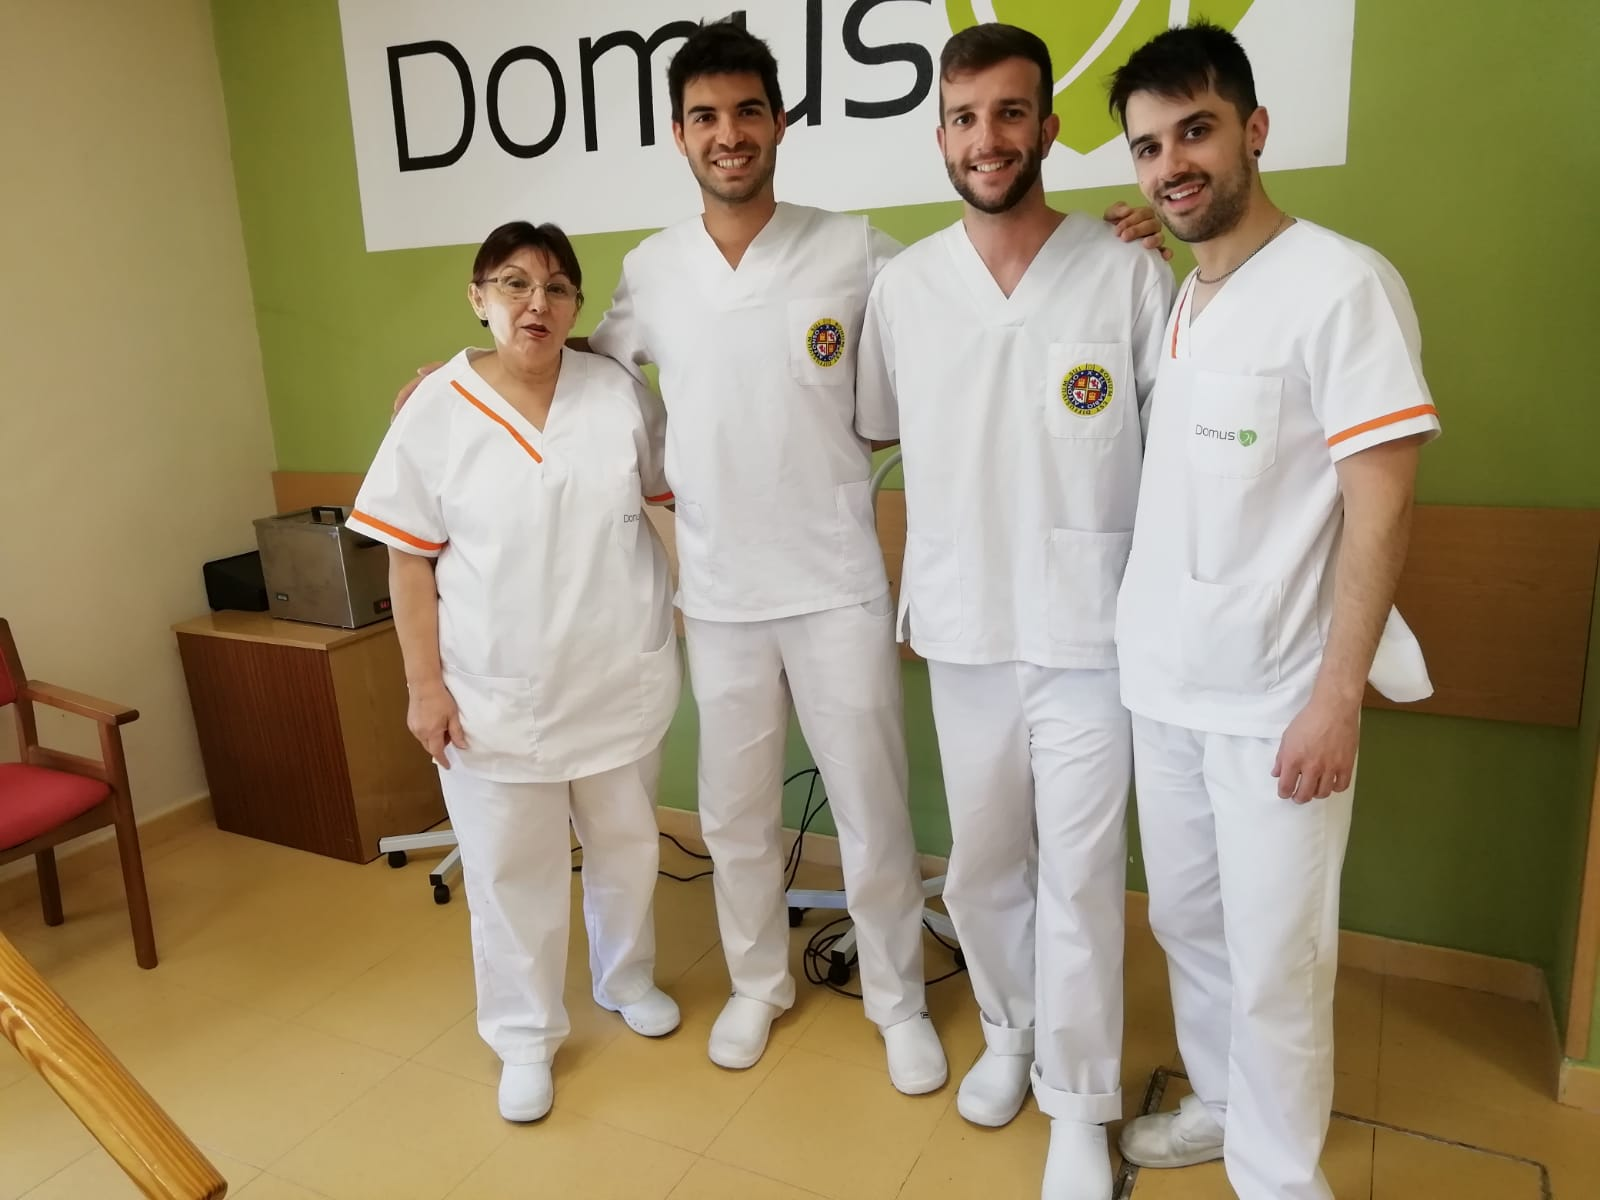 DomusVi Valdemoro finalización alumnos de prácticas